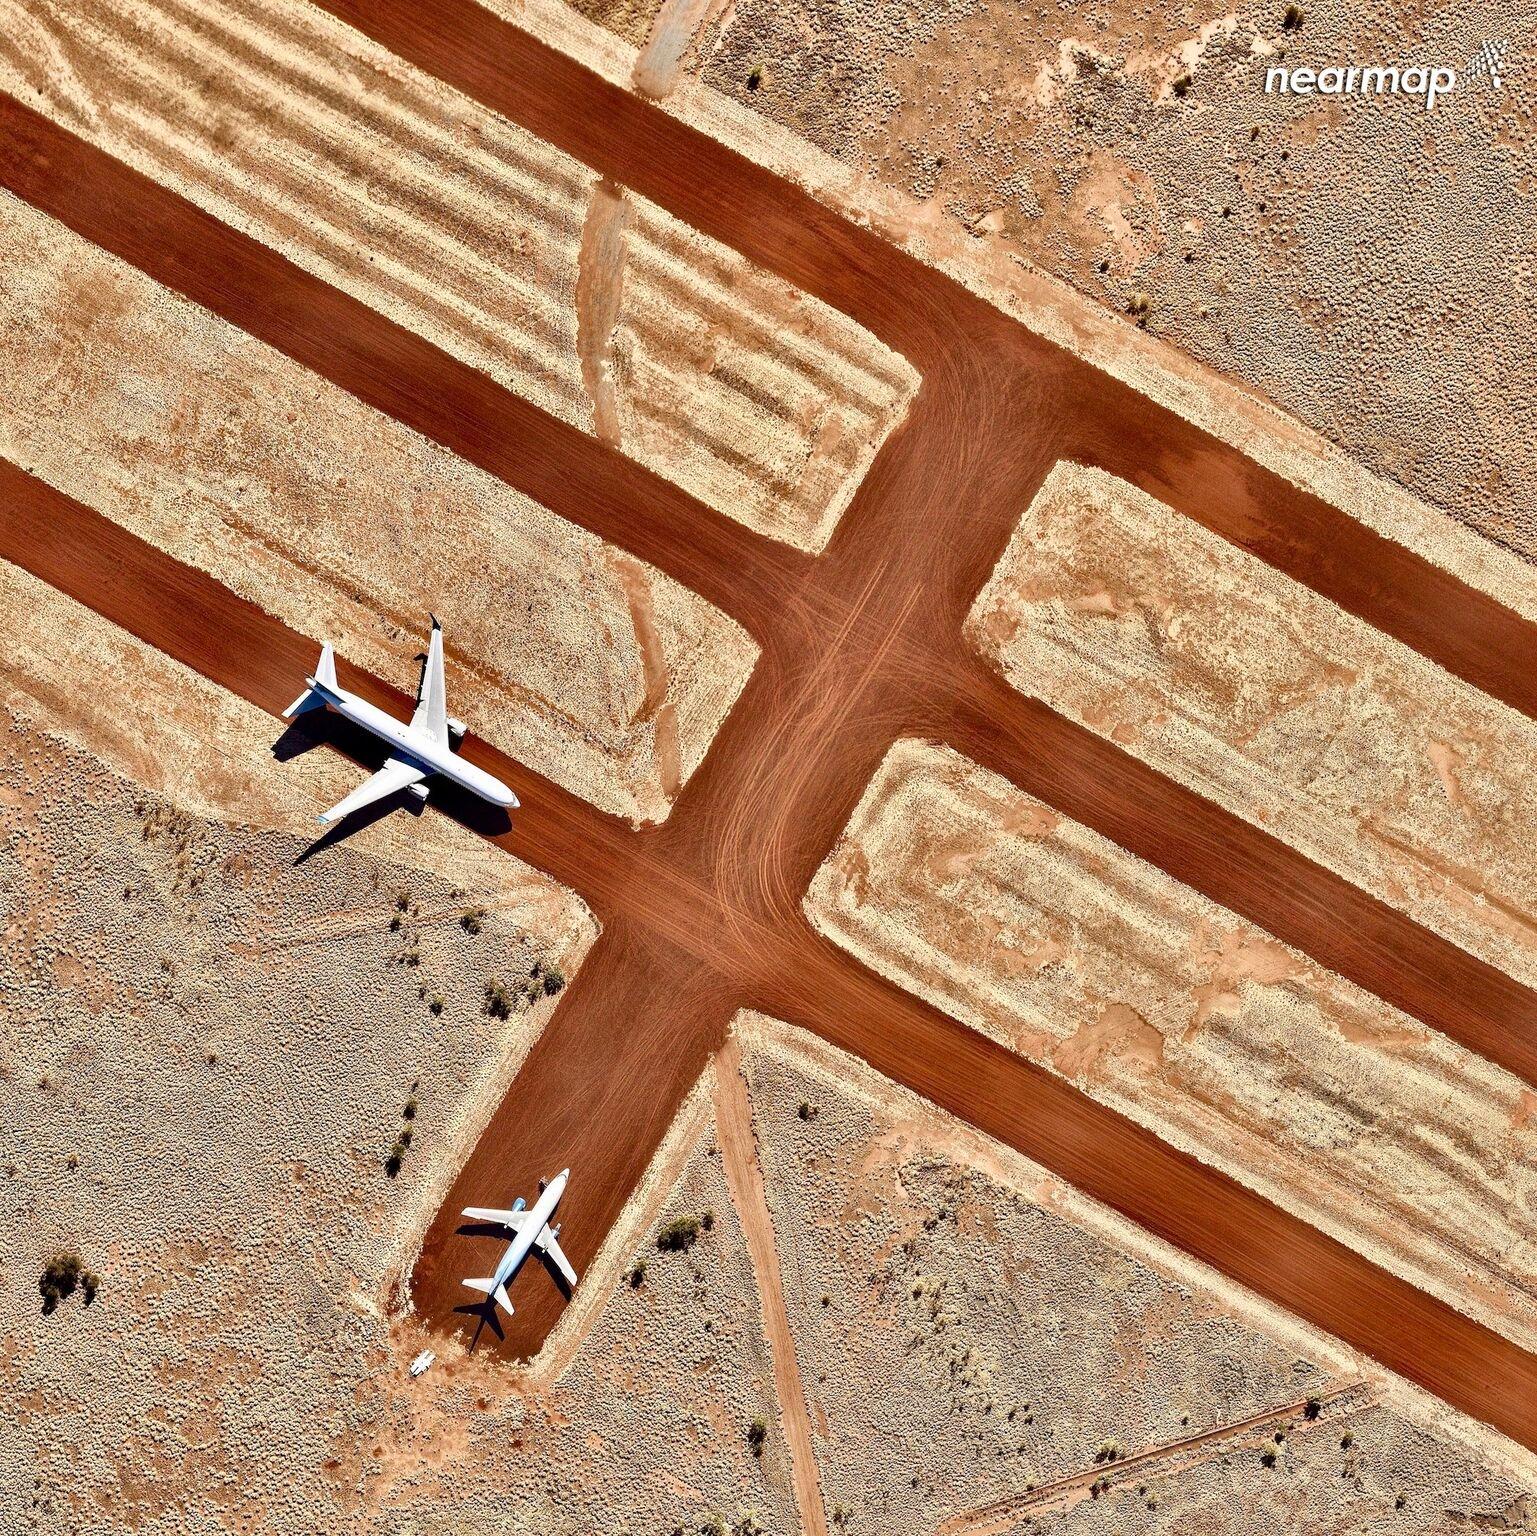 1.Alice Springs Airport NT - 10 bức ảnh tuyệt đẹp cho bạn góc nhìn 'lạ' về nước Úc bạn chưa từng thấy trước đây